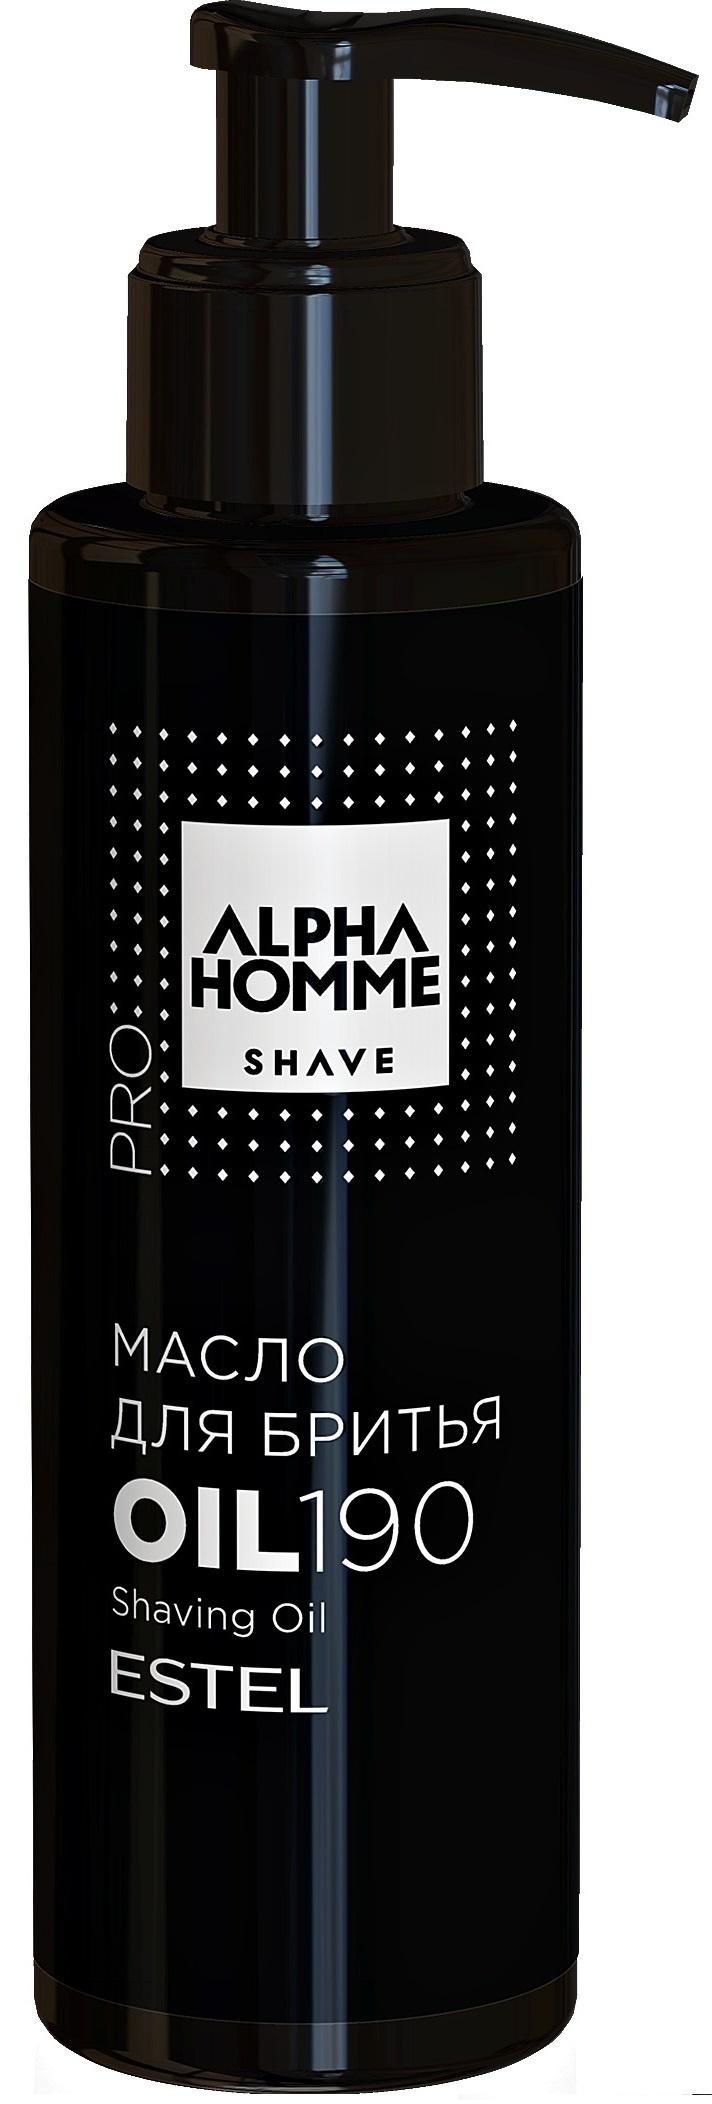 Масло для бритья ESTEL PROFESSIONAL ALPHA HOMME PRO SHAVE 190 мл estel alpha homme крем перед бритьем охлаждающий 250 мл